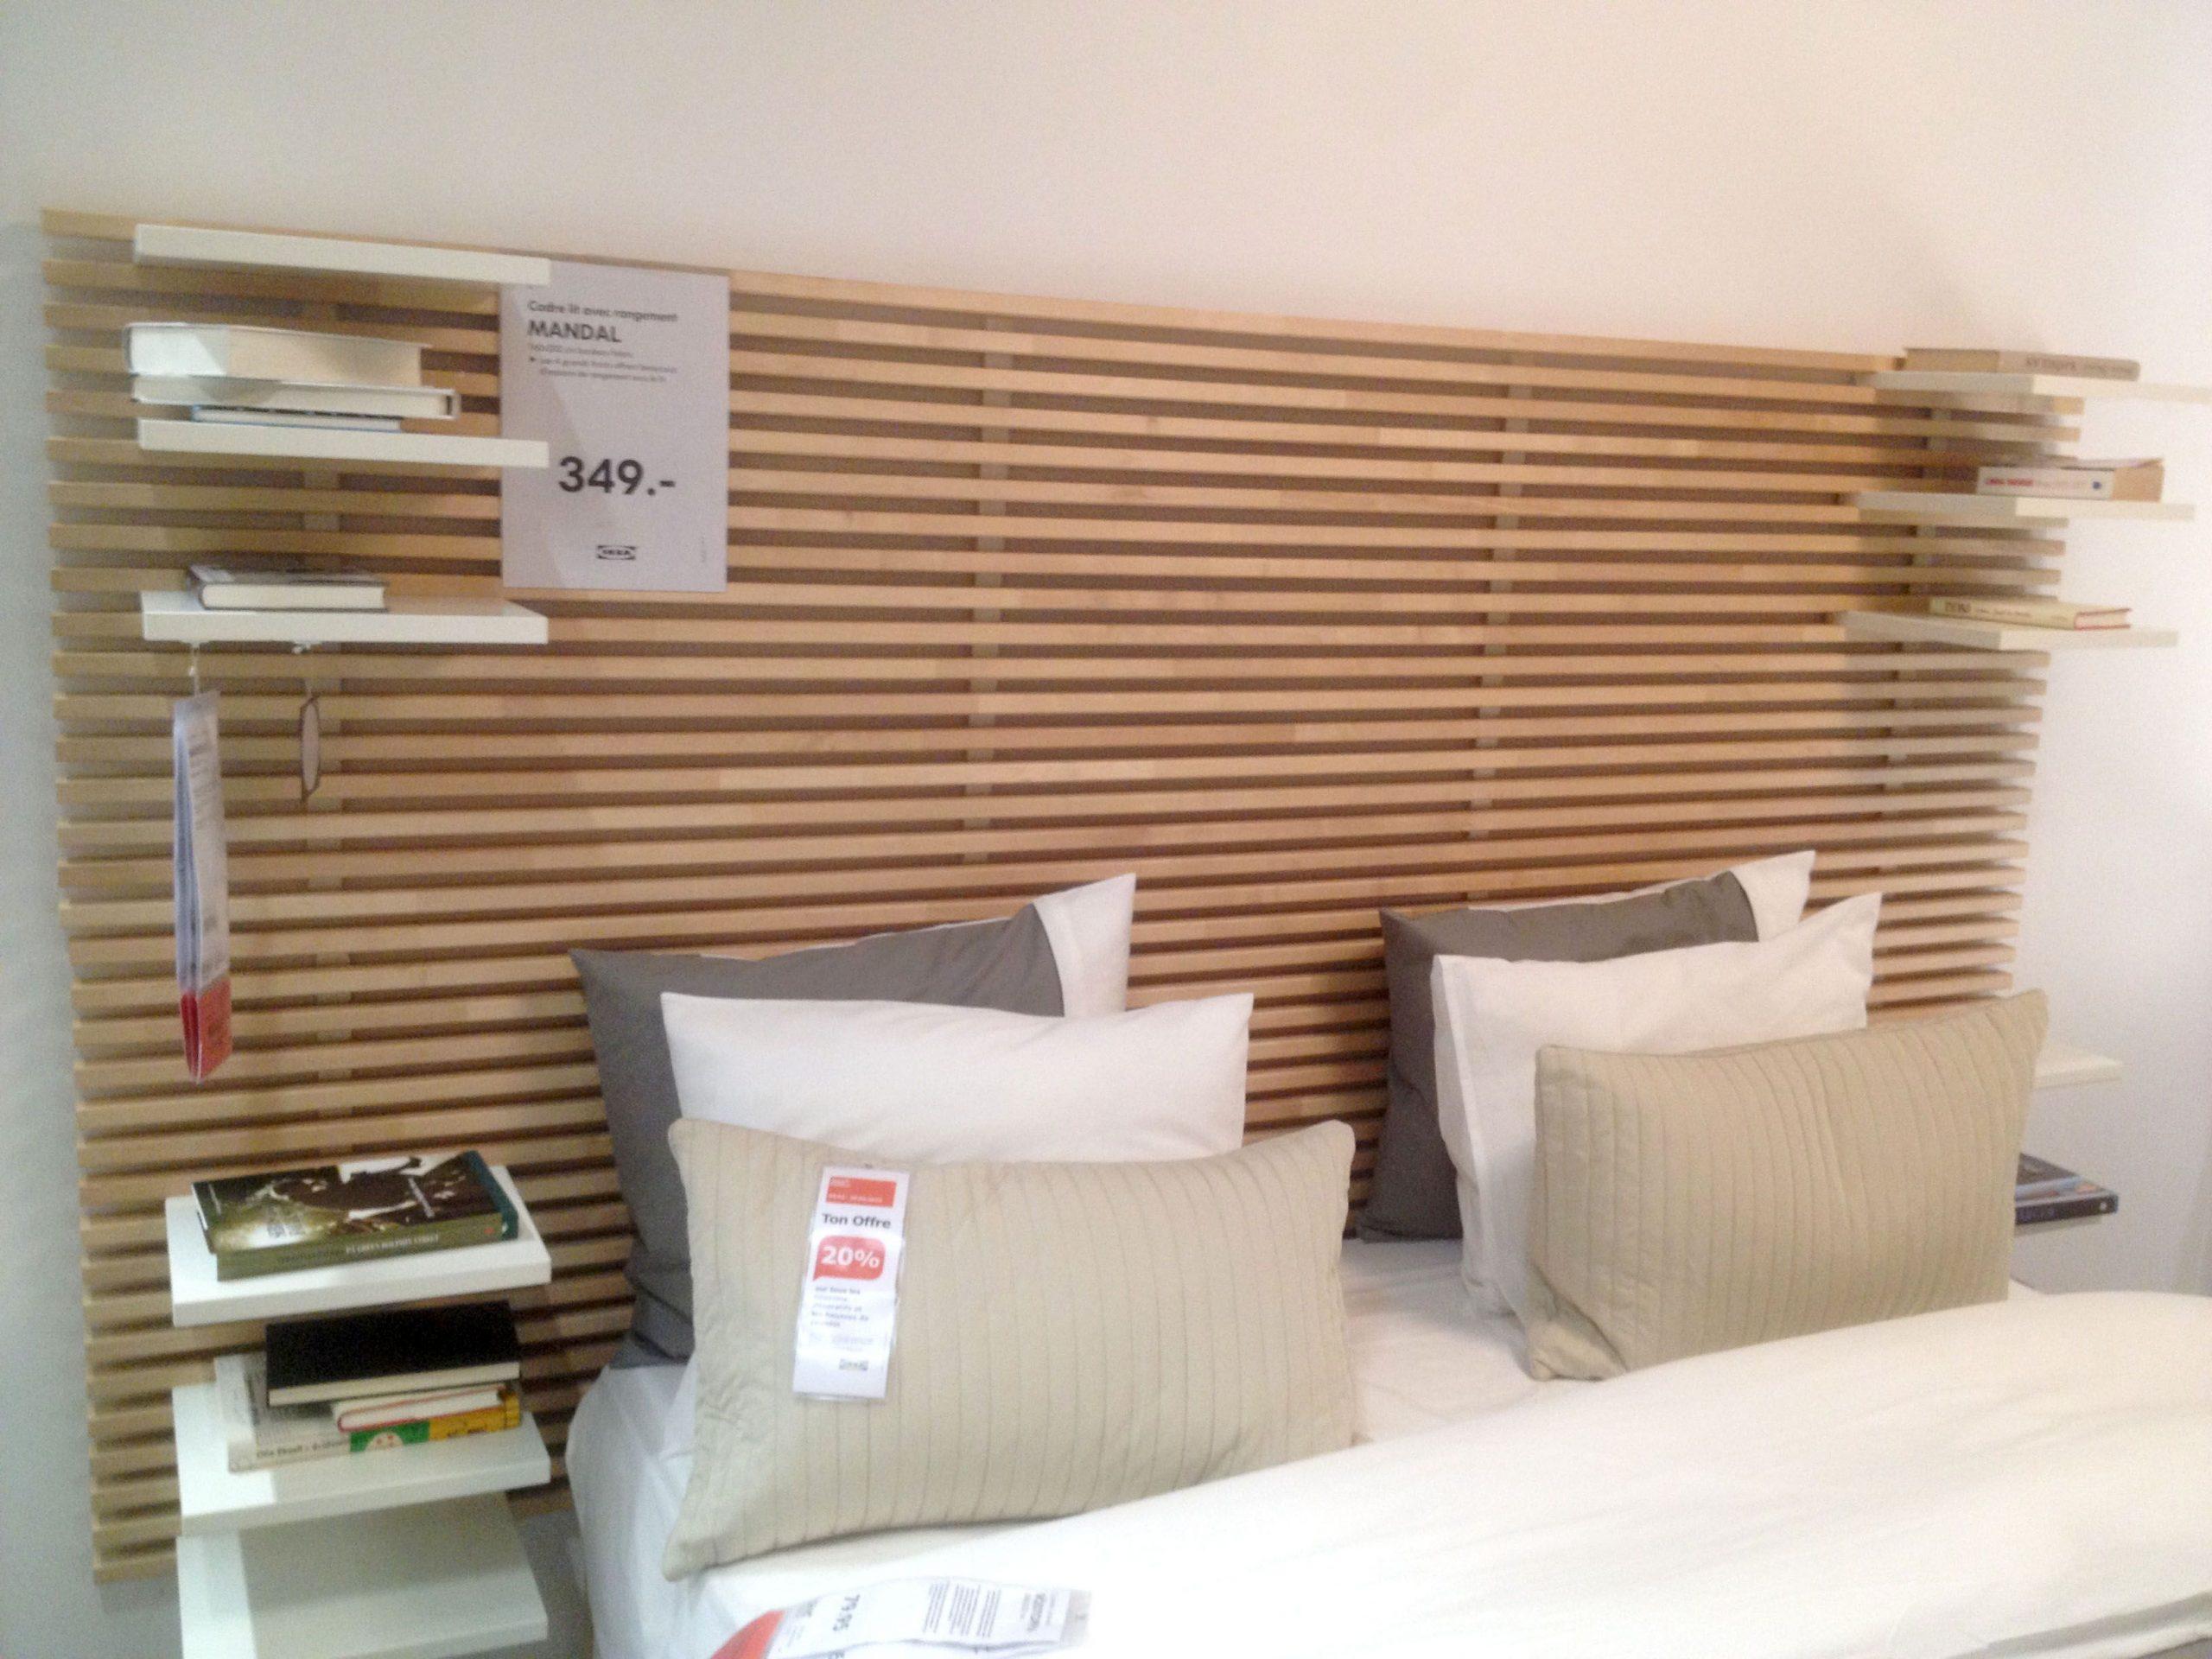 Tête De Lit Ikea, French Cleats | Bedroom Renovation, Home ... encequiconcerne Coussins Tête De Lit Ikea